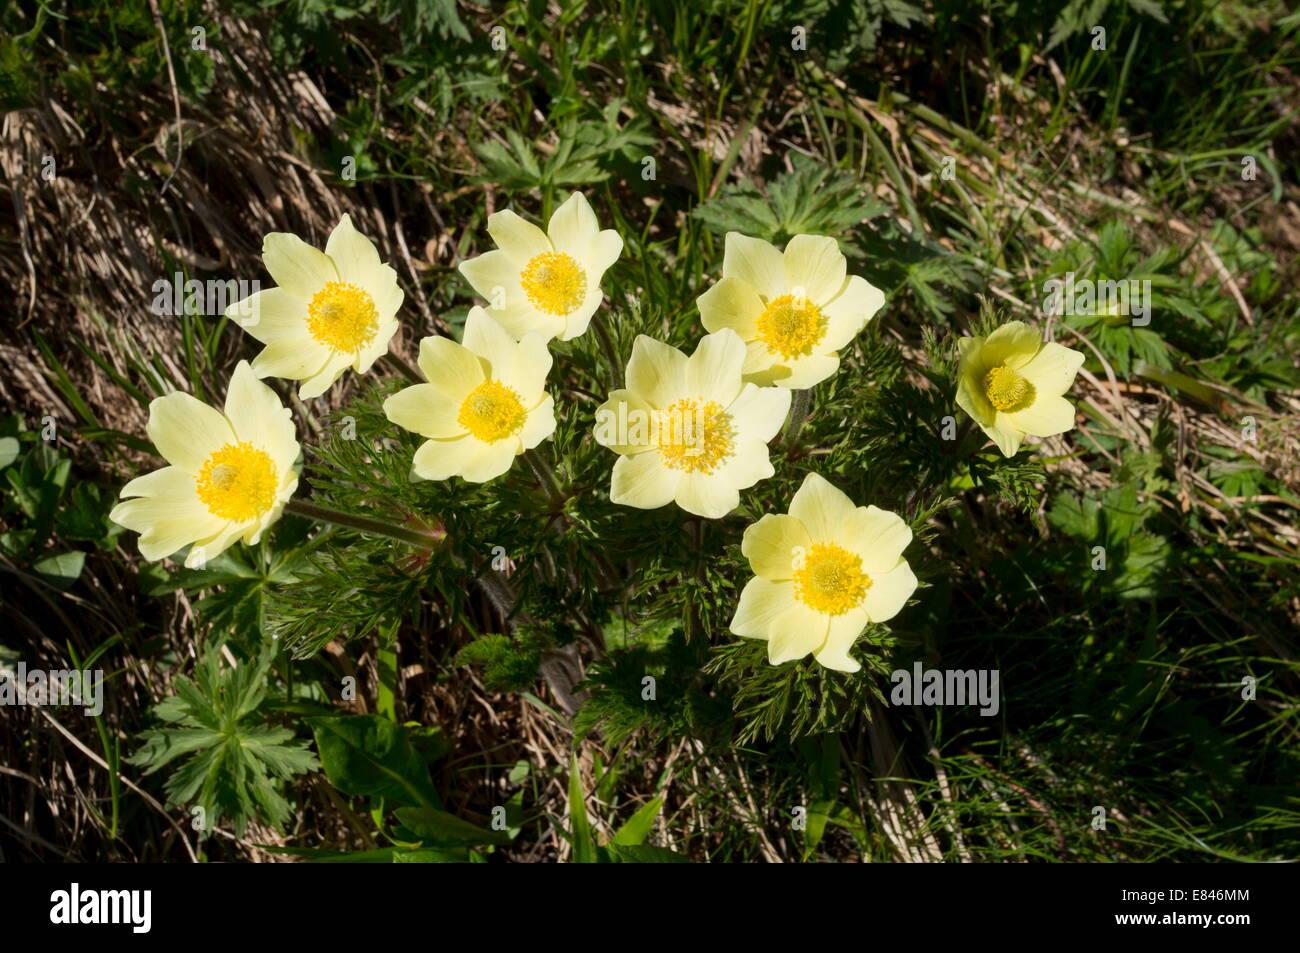 Alpine Pasque Flower, Pulsatilla alpina ssp. apiifolia in its yellow ...